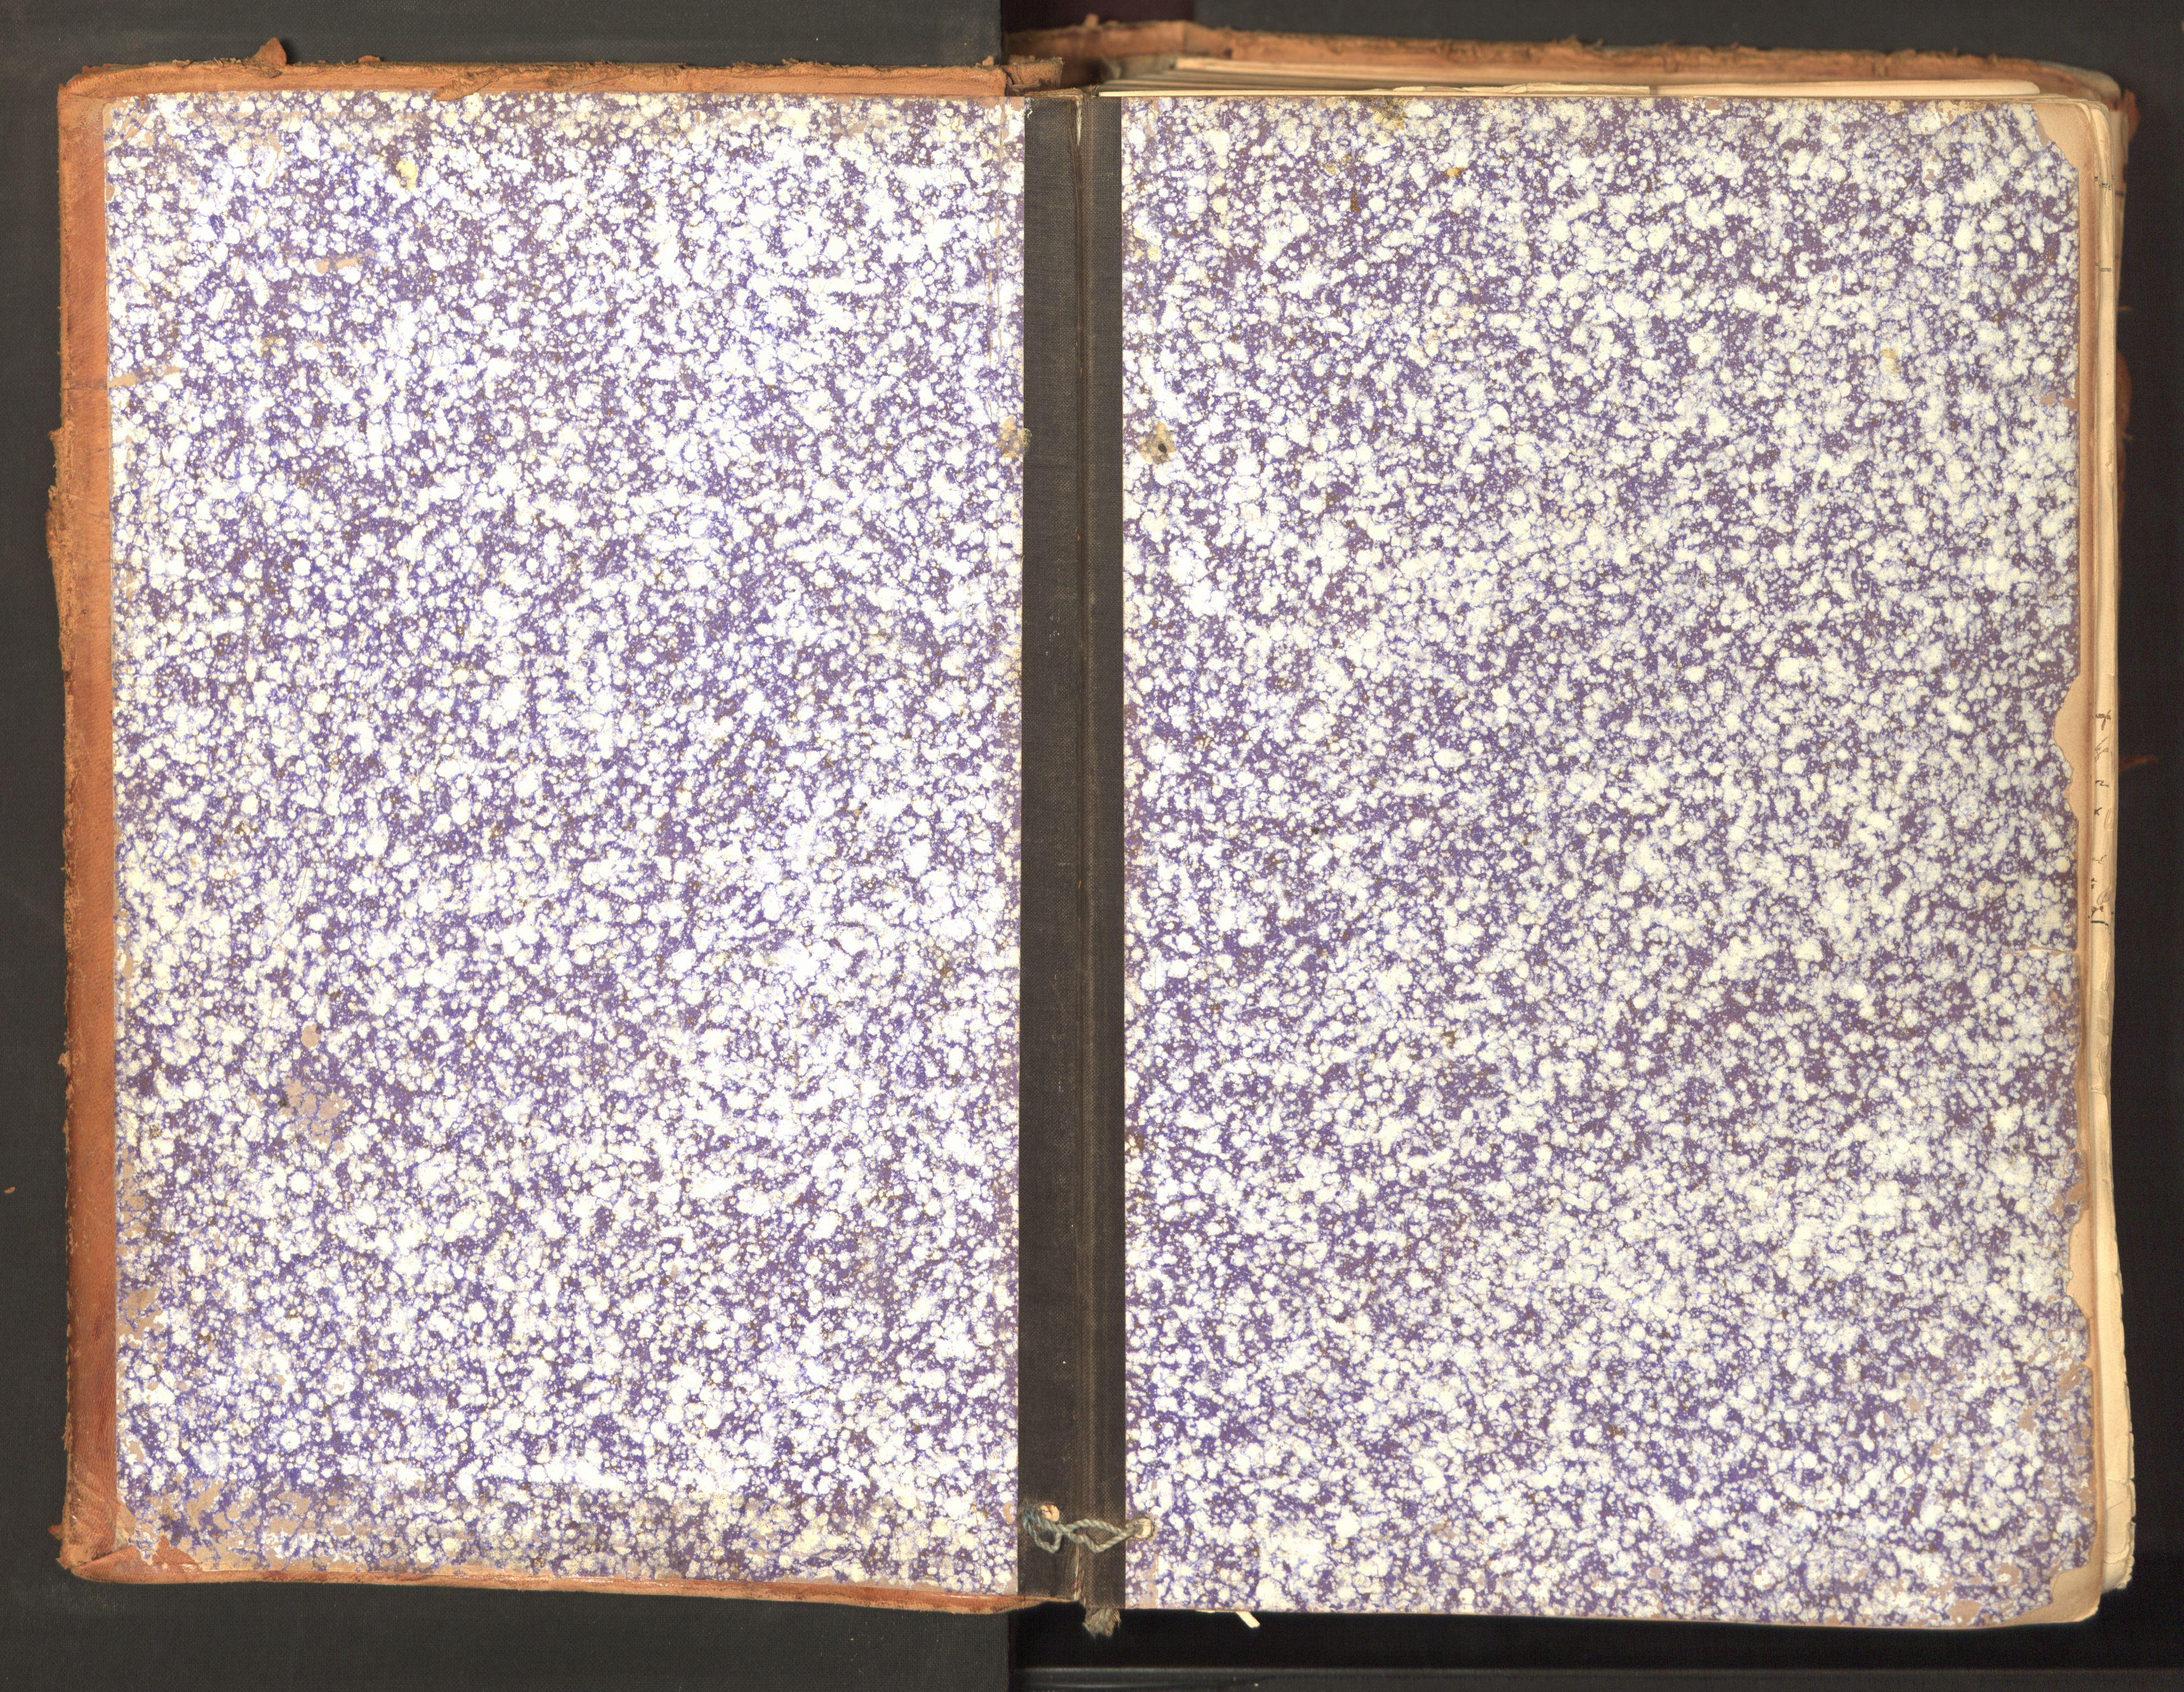 SAT, Ministerialprotokoller, klokkerbøker og fødselsregistre - Nord-Trøndelag, 758/L0519: Ministerialbok nr. 758A04, 1880-1926